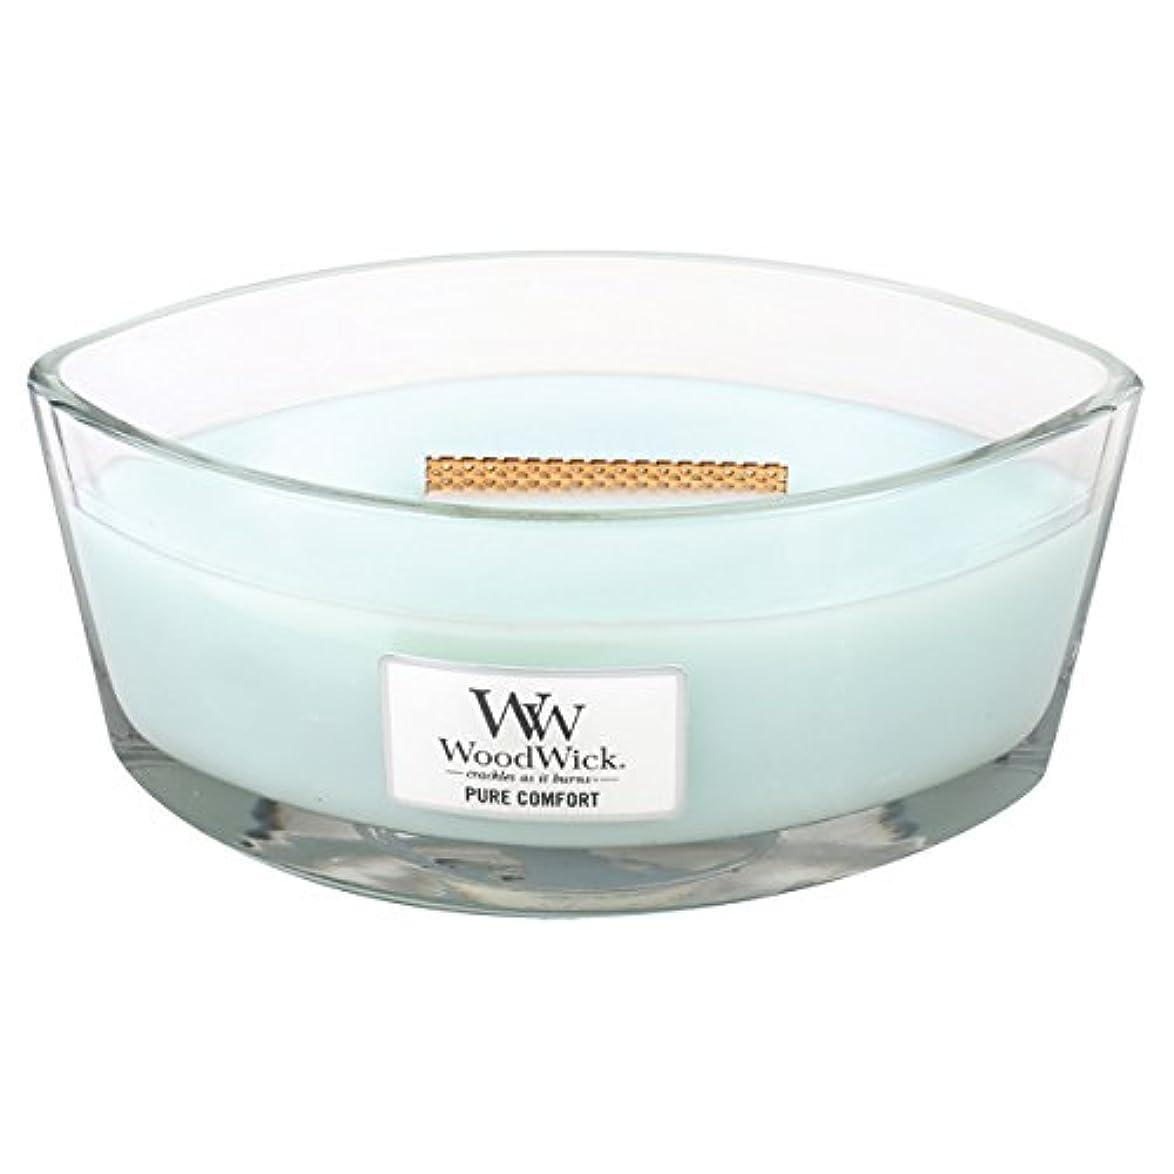 ボーナス速度刃Wood Wick ハースウィックL 「 ピュアコンフォート 」 キャンドル W940053027